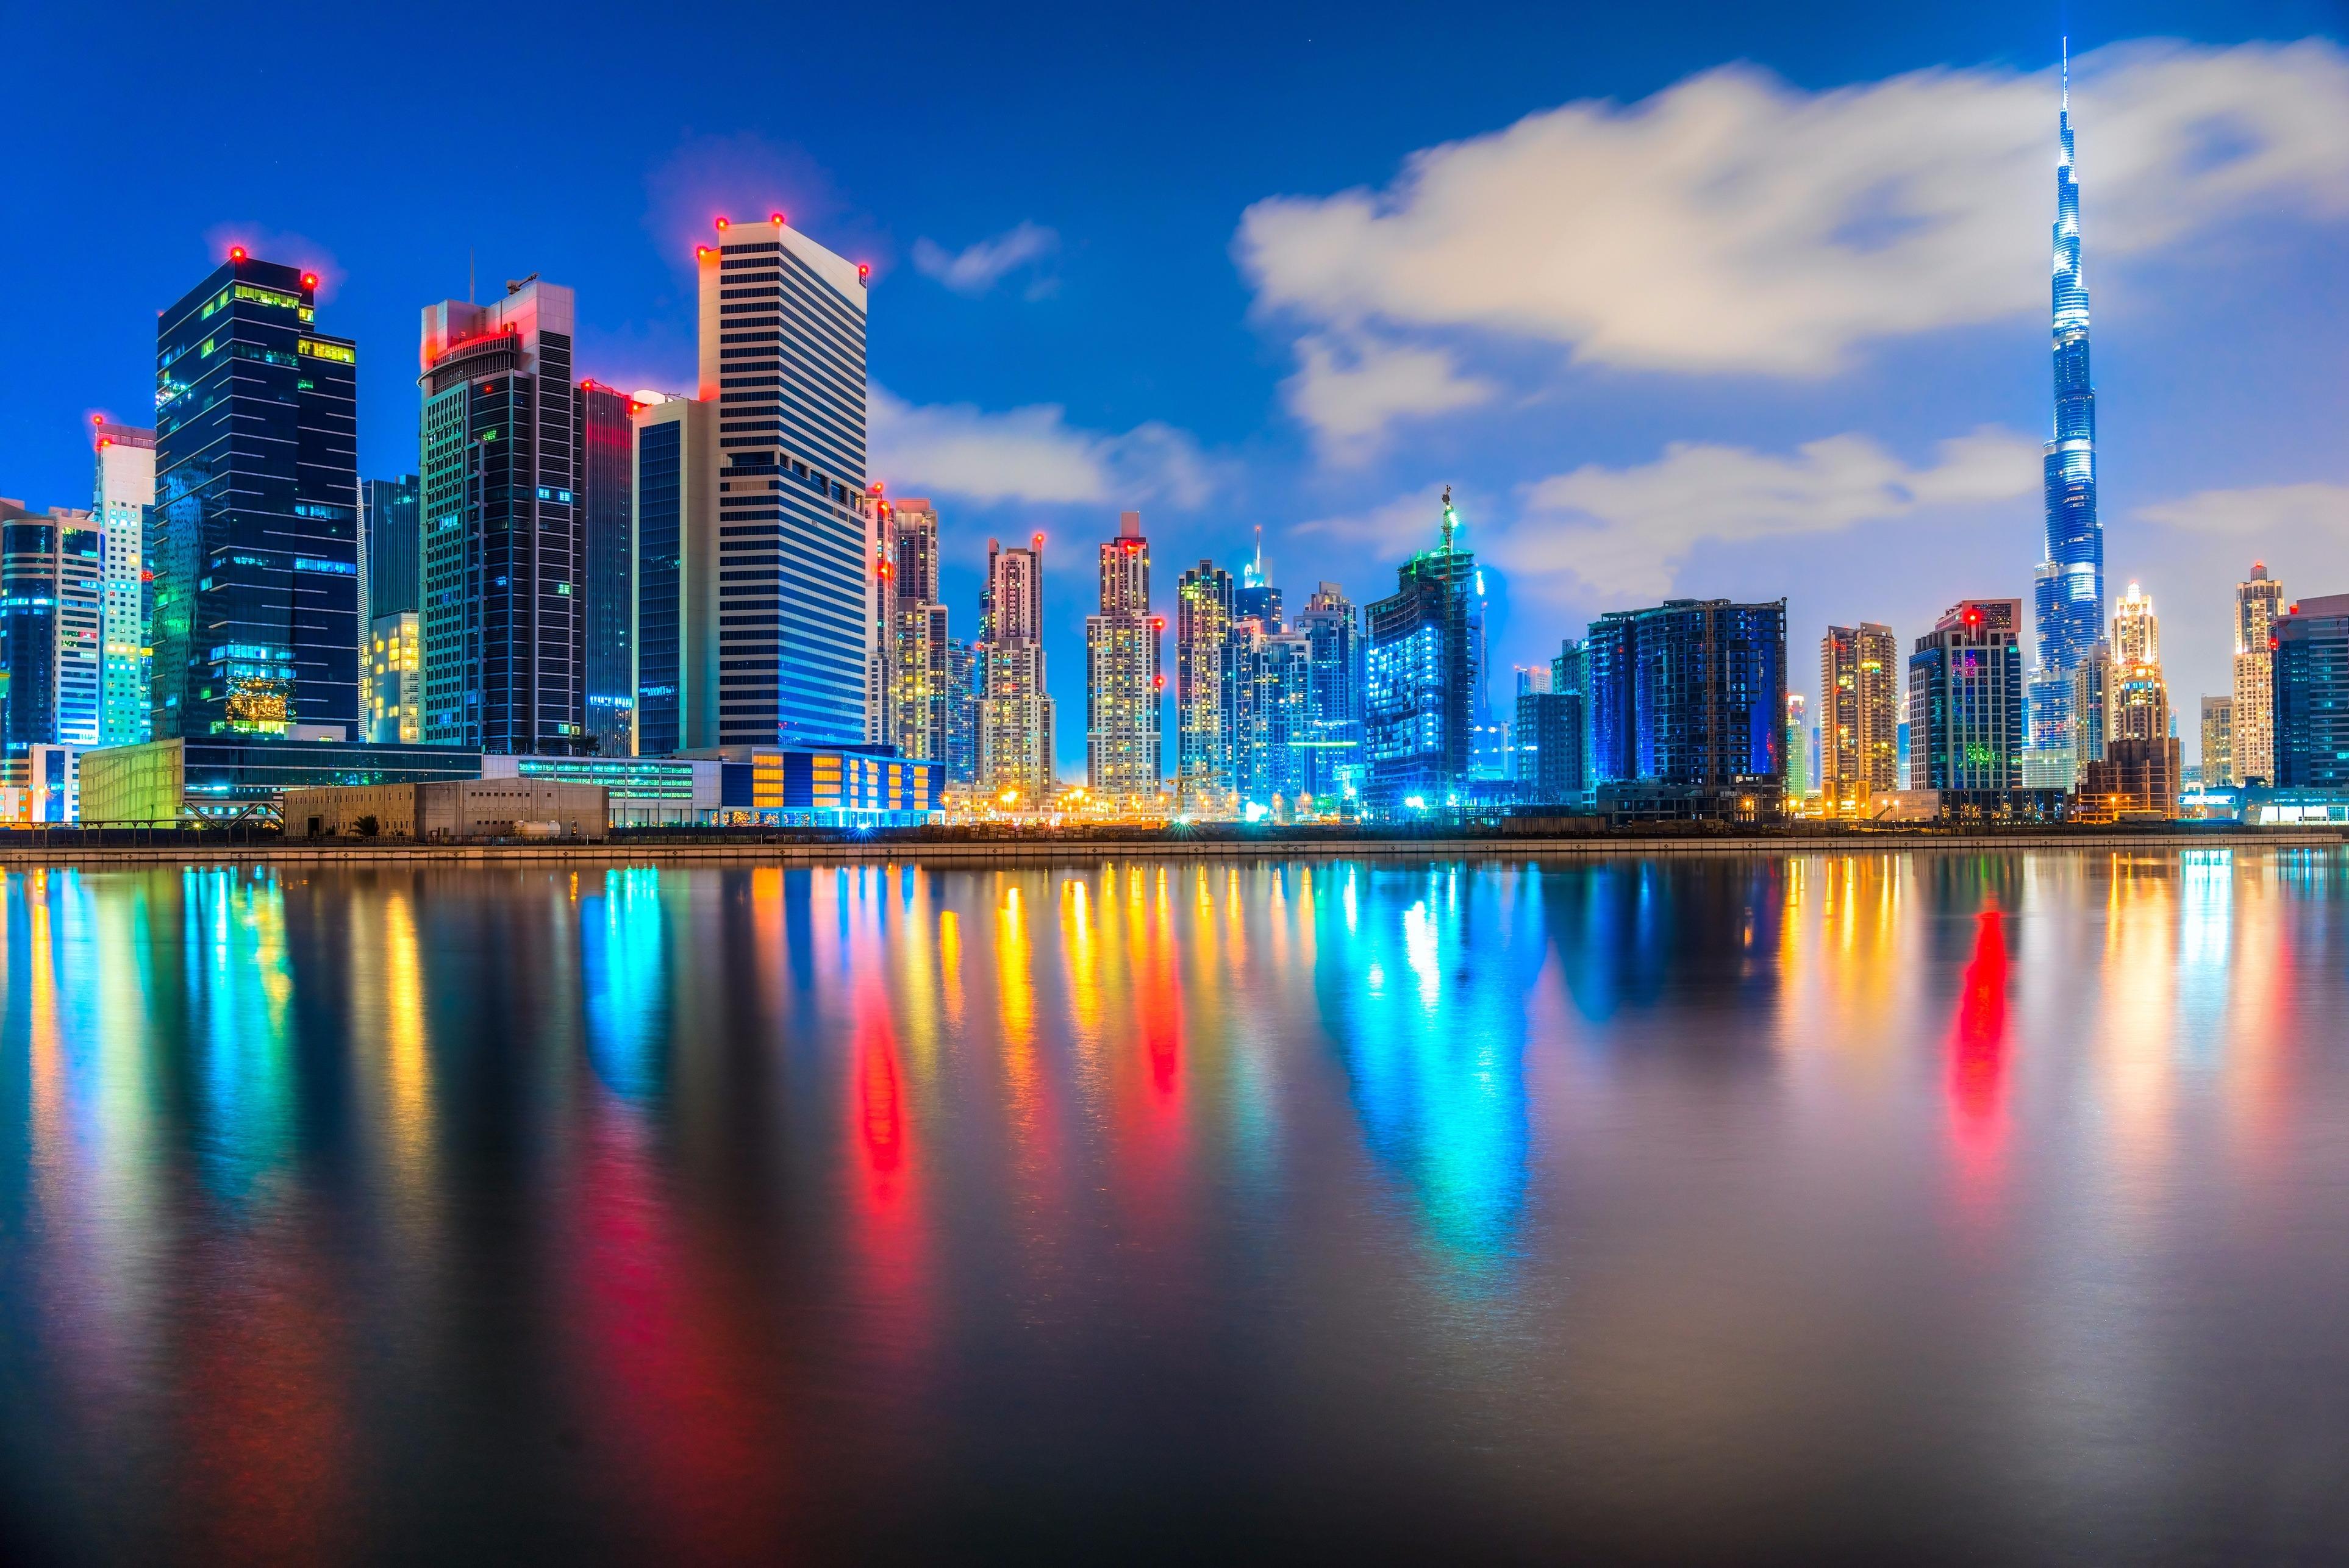 """FLASH PROMOSYON """"D U B A İ"""" Pegasus Havayolları Tarifeli  Seferi ile 3 gece konaklama 5 gün 09 Kasım 2016  Hareket … Avantajlı Paket Ekstra Geziler: 400 Euro yerine 350 Euro (Tur esnasında lokal acenta rehberine ödenir) Dubai İkonları Akşam Yemeği… (80 Euro) Abu Dhabi ve Öğle Yemeği & Central Souq Geleneksel Antik Kapalı Çarşı… (80 Euro) Çöl Safari ve Akşam Yemeği Barbekü… (80 Euro) Miracle Garden & Dubai Outlet Mall Öğle Yemekli.. (80 Euro) Akşam yemekli Canlı Müzik Lübnan Tavernası...  (80 Euro) Tour"""